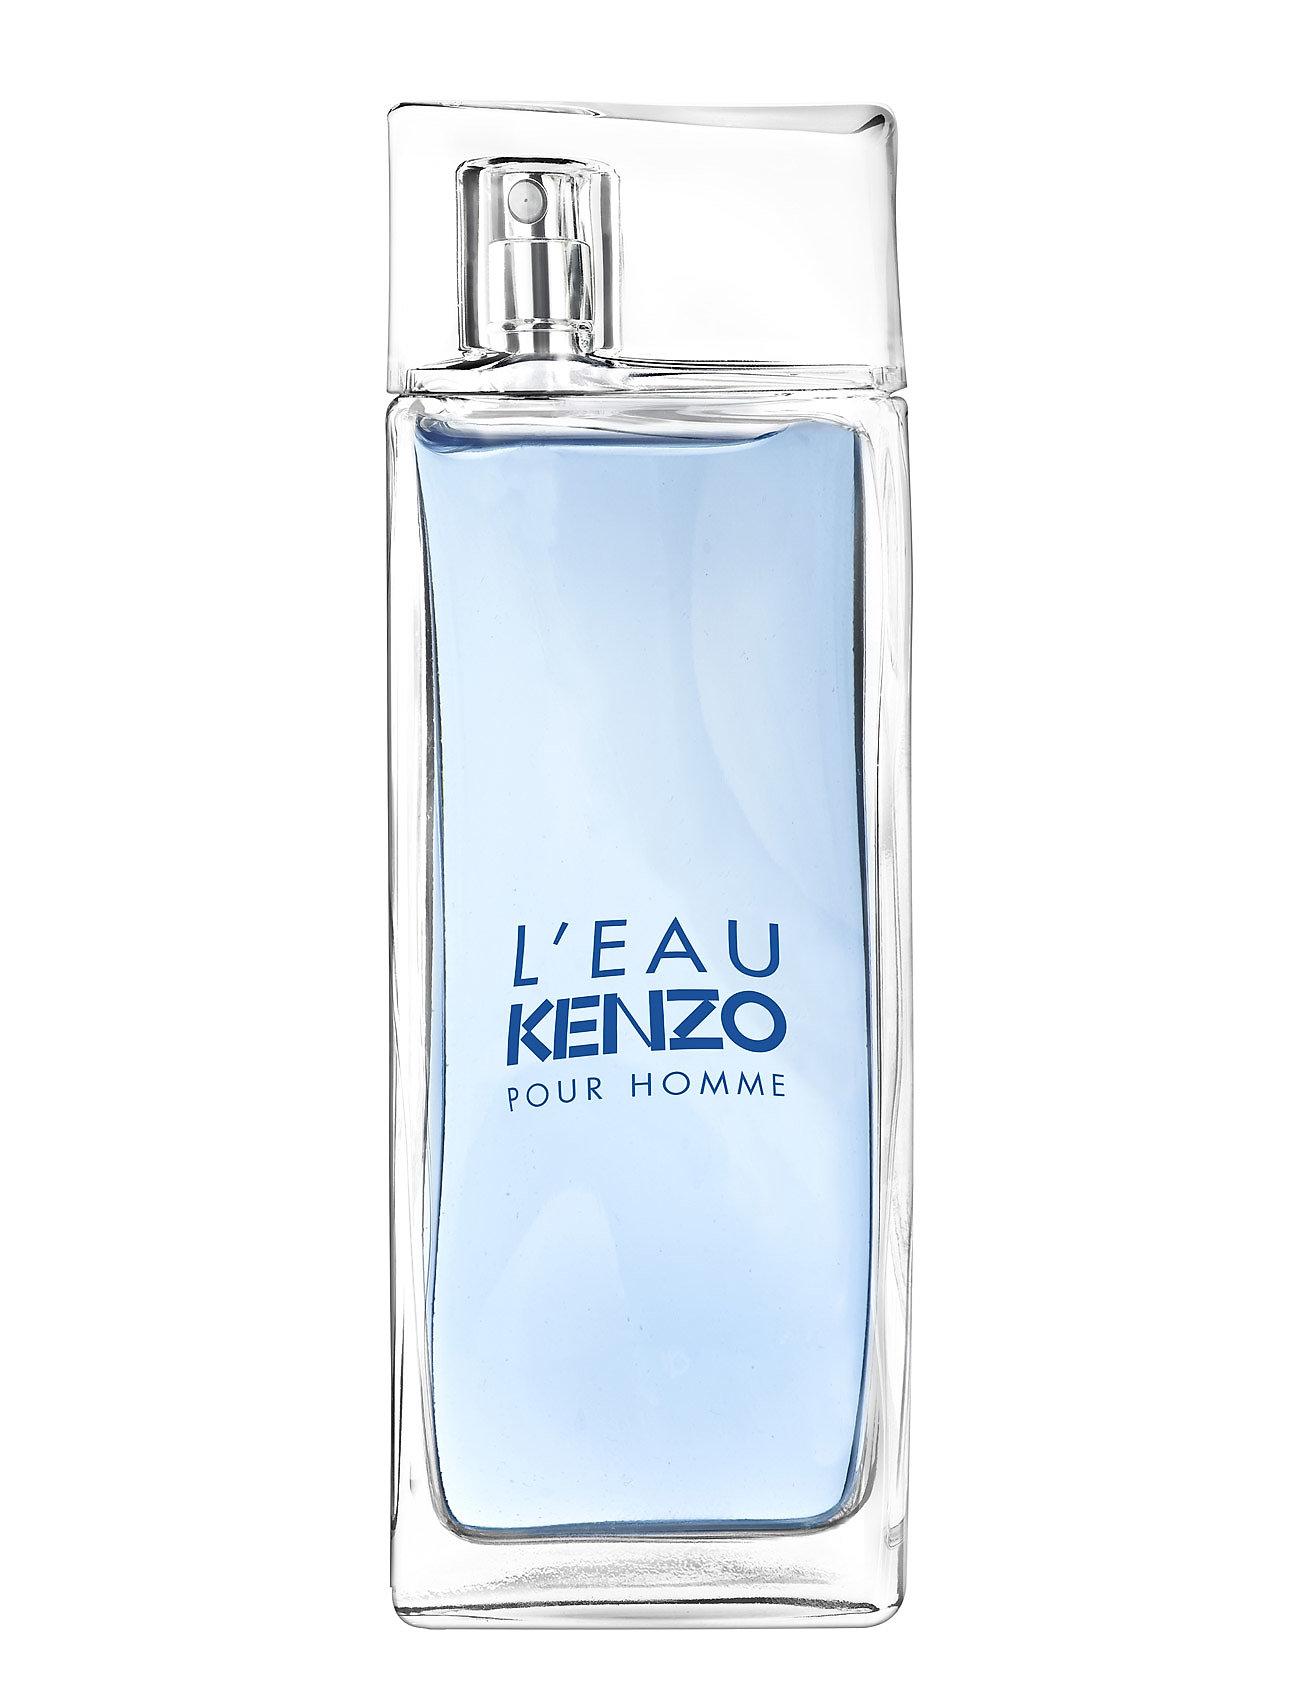 kenzo fragrance Kenzo leau kenzo pour homme eau de fra boozt.com dk